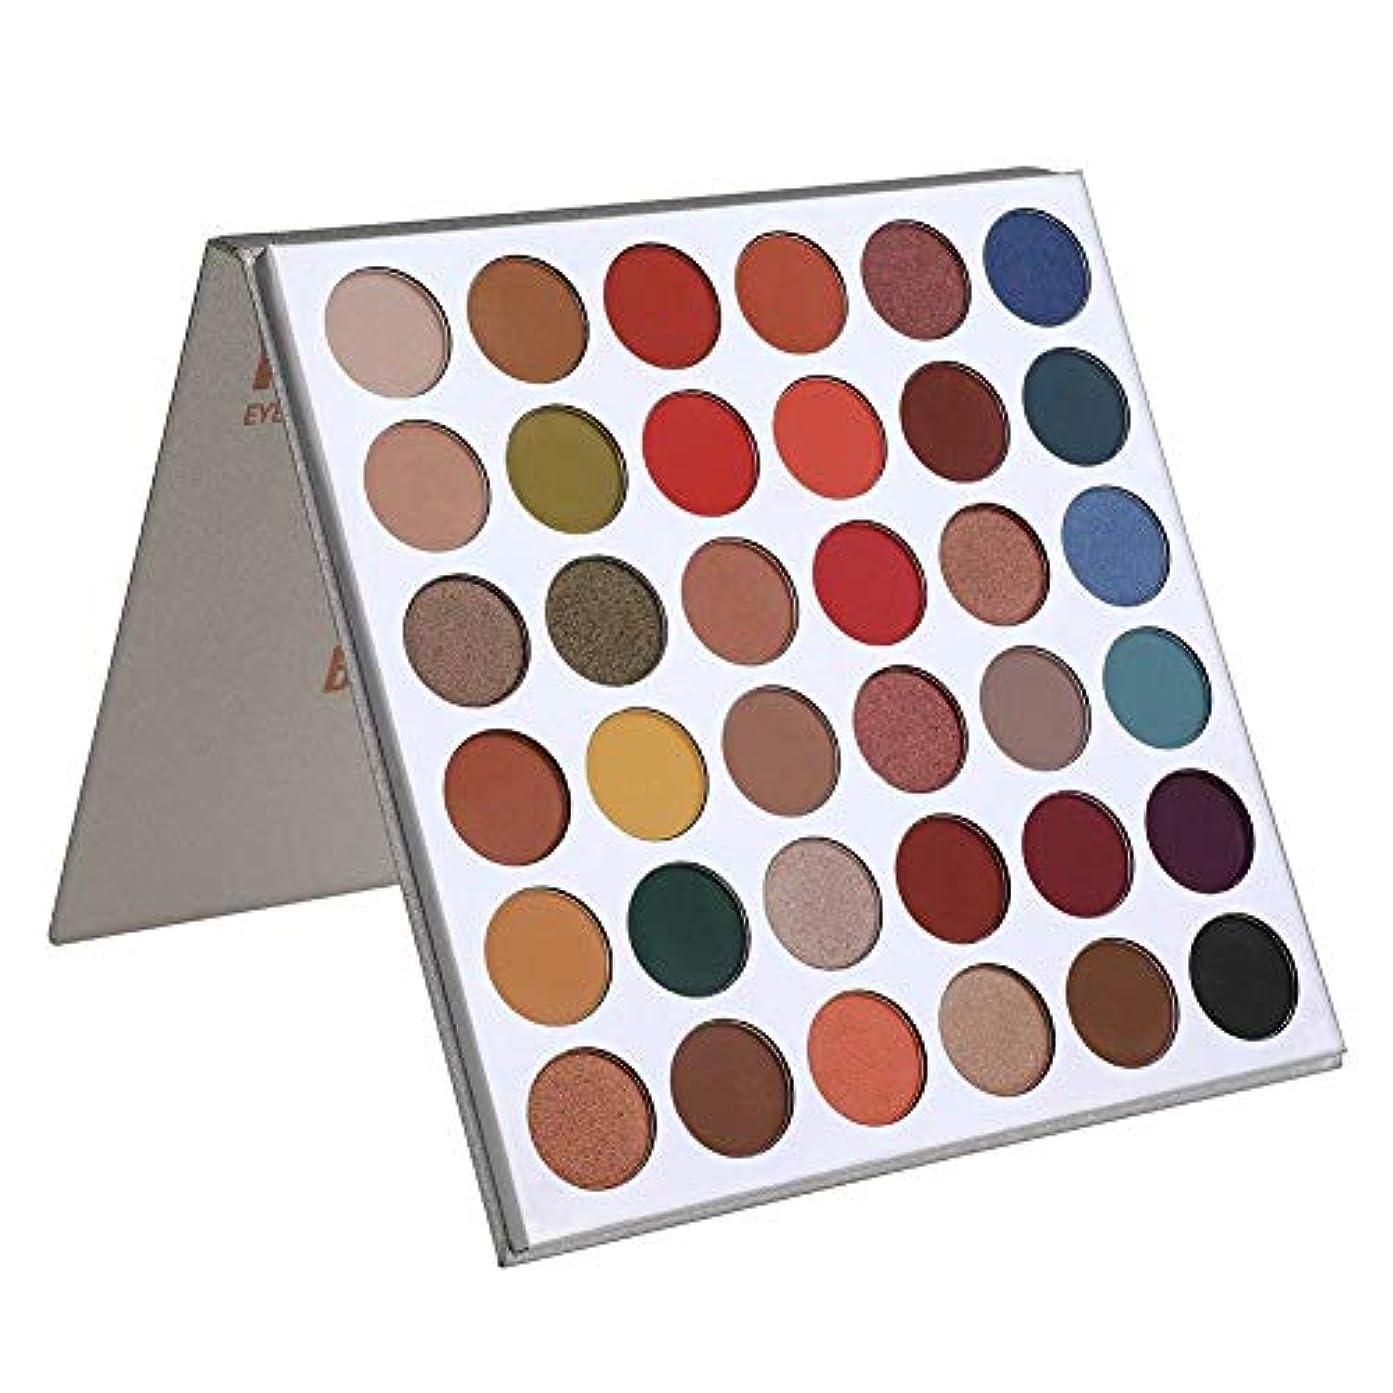 トムオードリース時々タックルBrill(ブリーオ)最高のプロアイシャドウマットパレットメイクアイシャドウプロフェッショナル完璧なファイル暖かいナチュラルニュートラルスモーキーパレットアイメイクアップシルキーパウダー化粧品36色